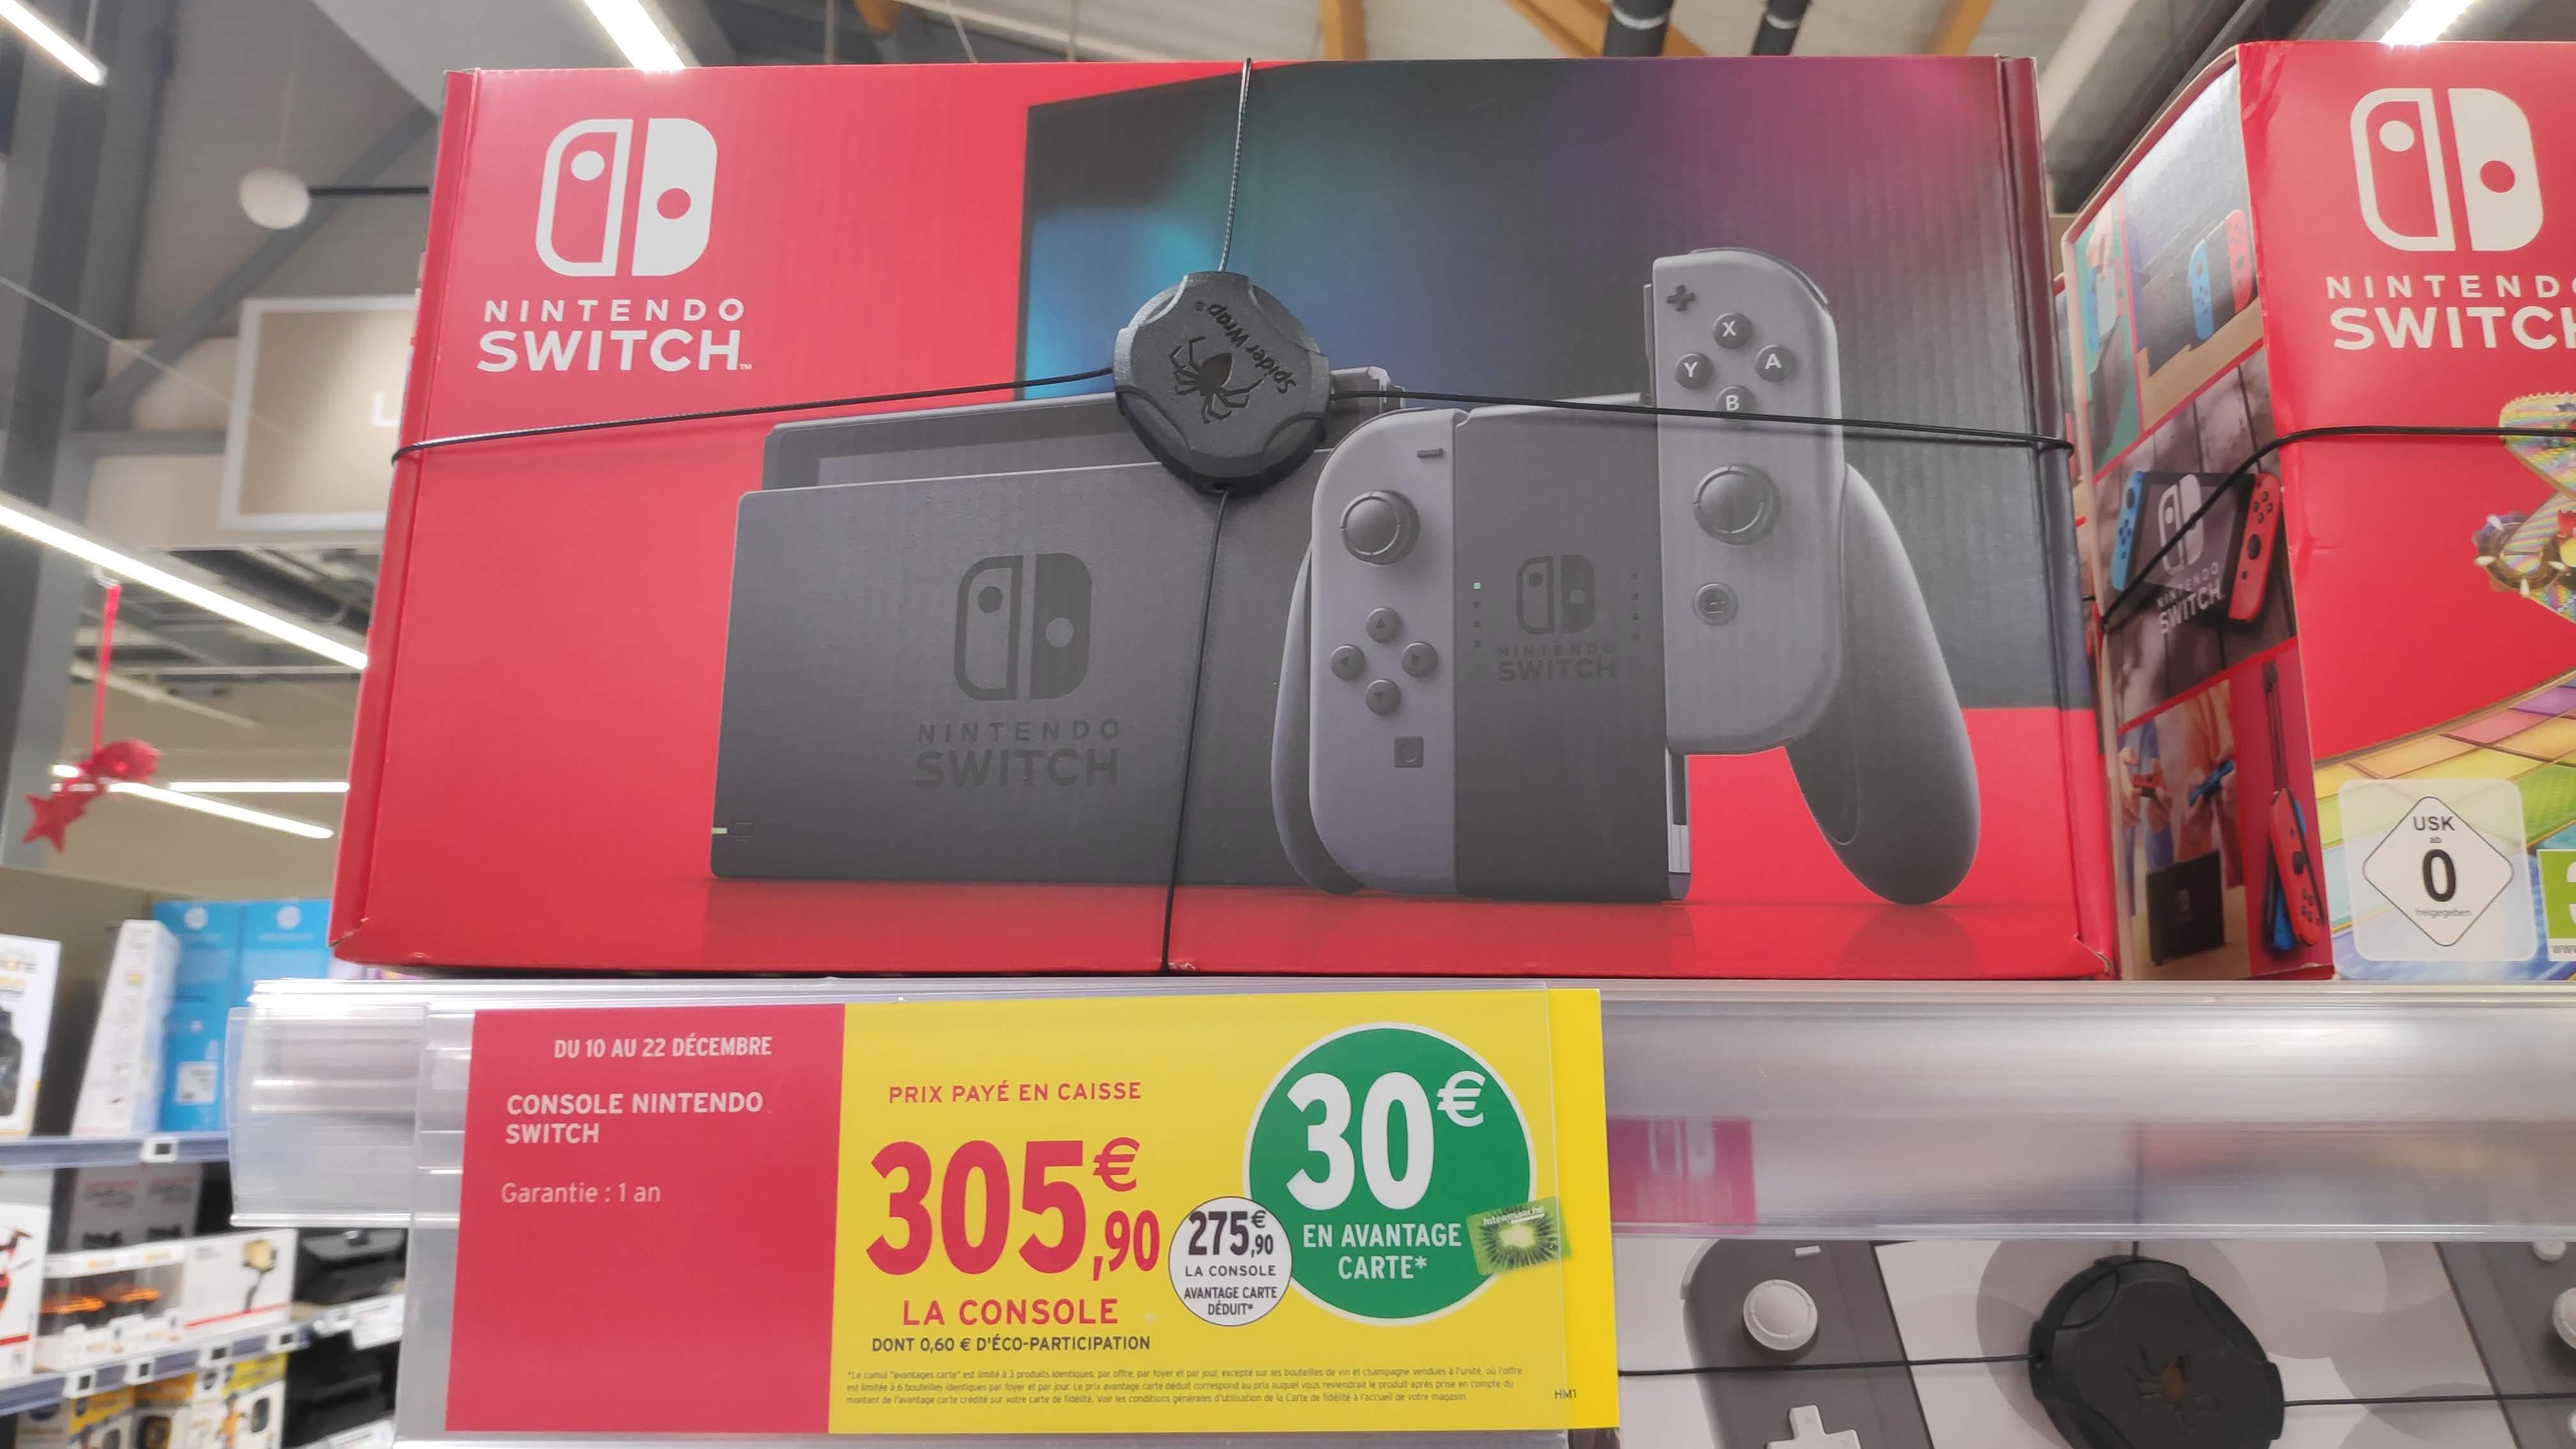 Console Nintendo Switch 2019 Joycon Gris (Via 30€ sur la carte de fidélité)